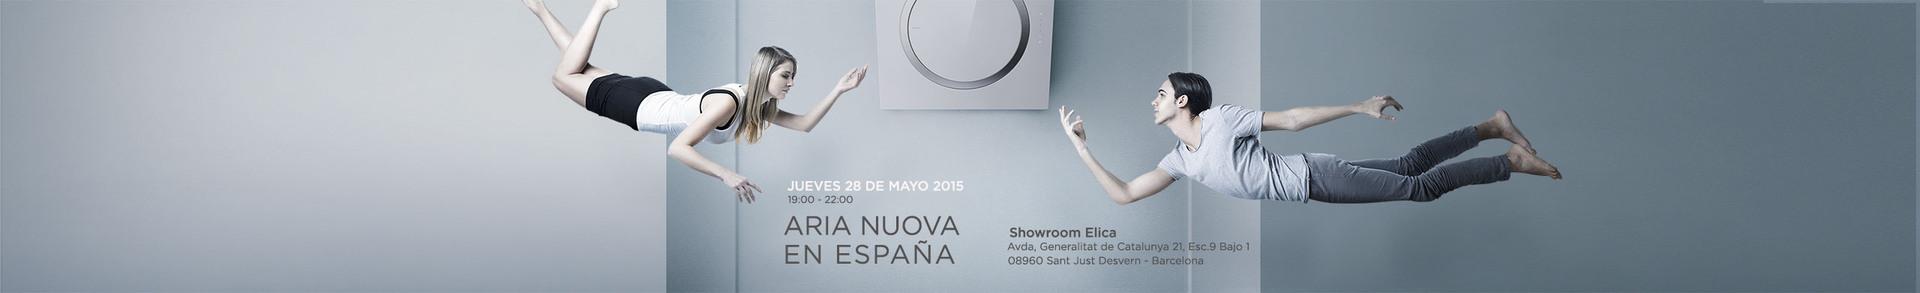 Elica, aria nuova en España